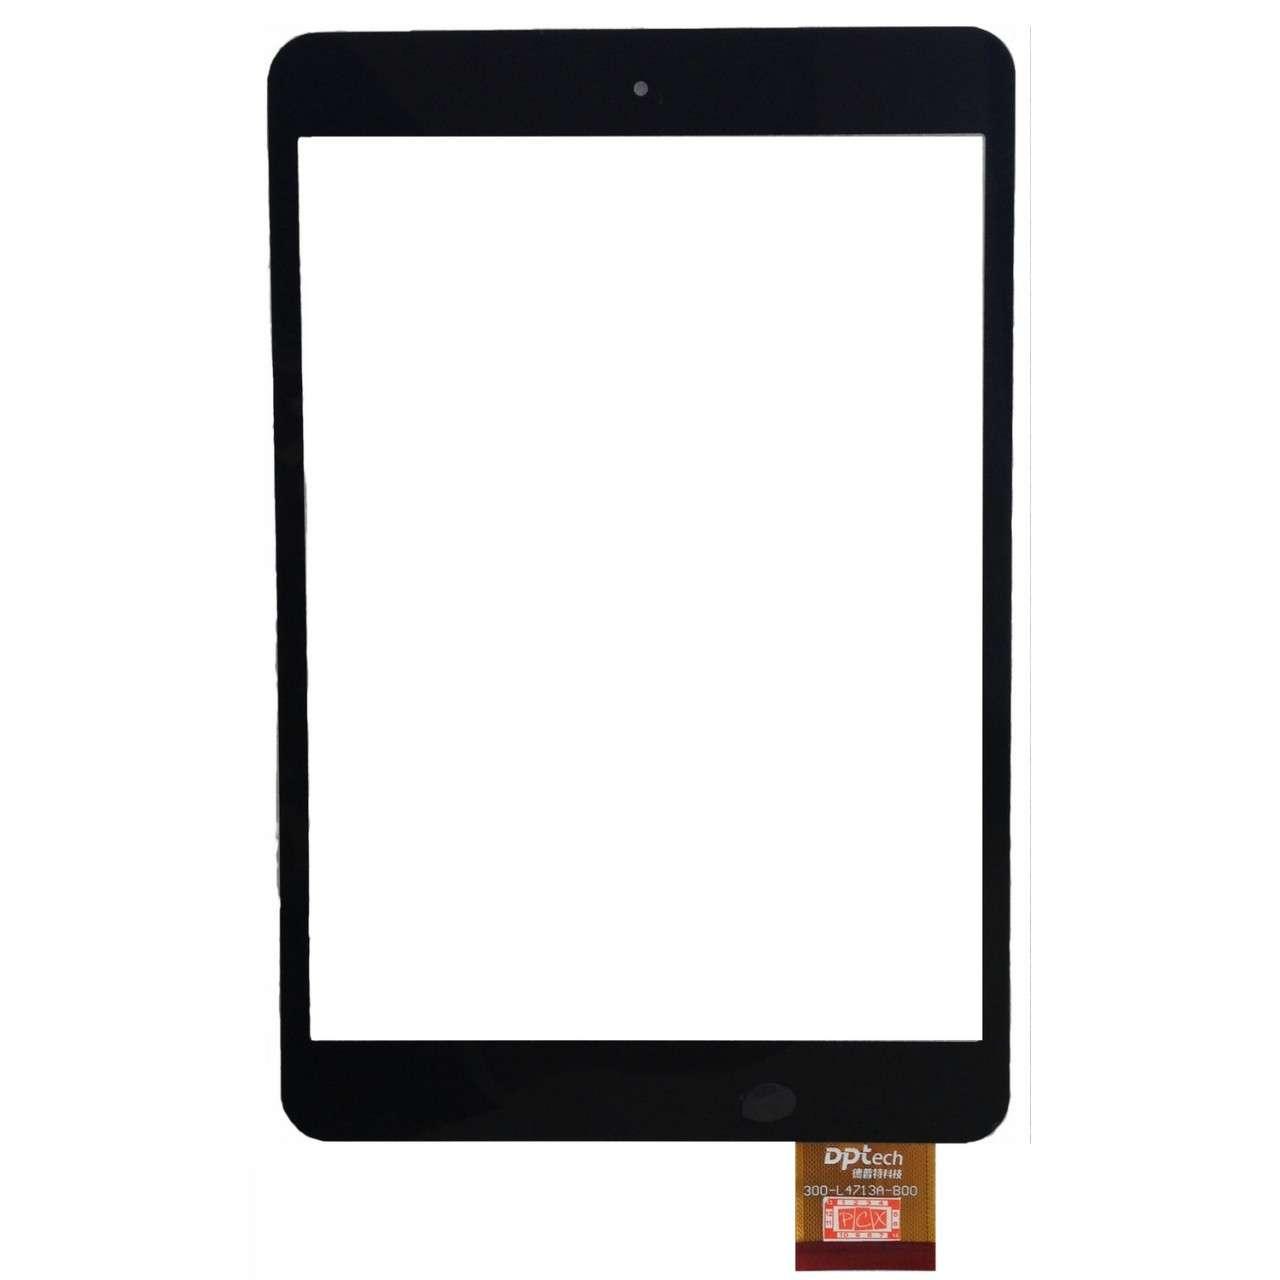 Touchscreen Digitizer Akai Fusion C790 ETAB006A Geam Sticla Tableta imagine powerlaptop.ro 2021